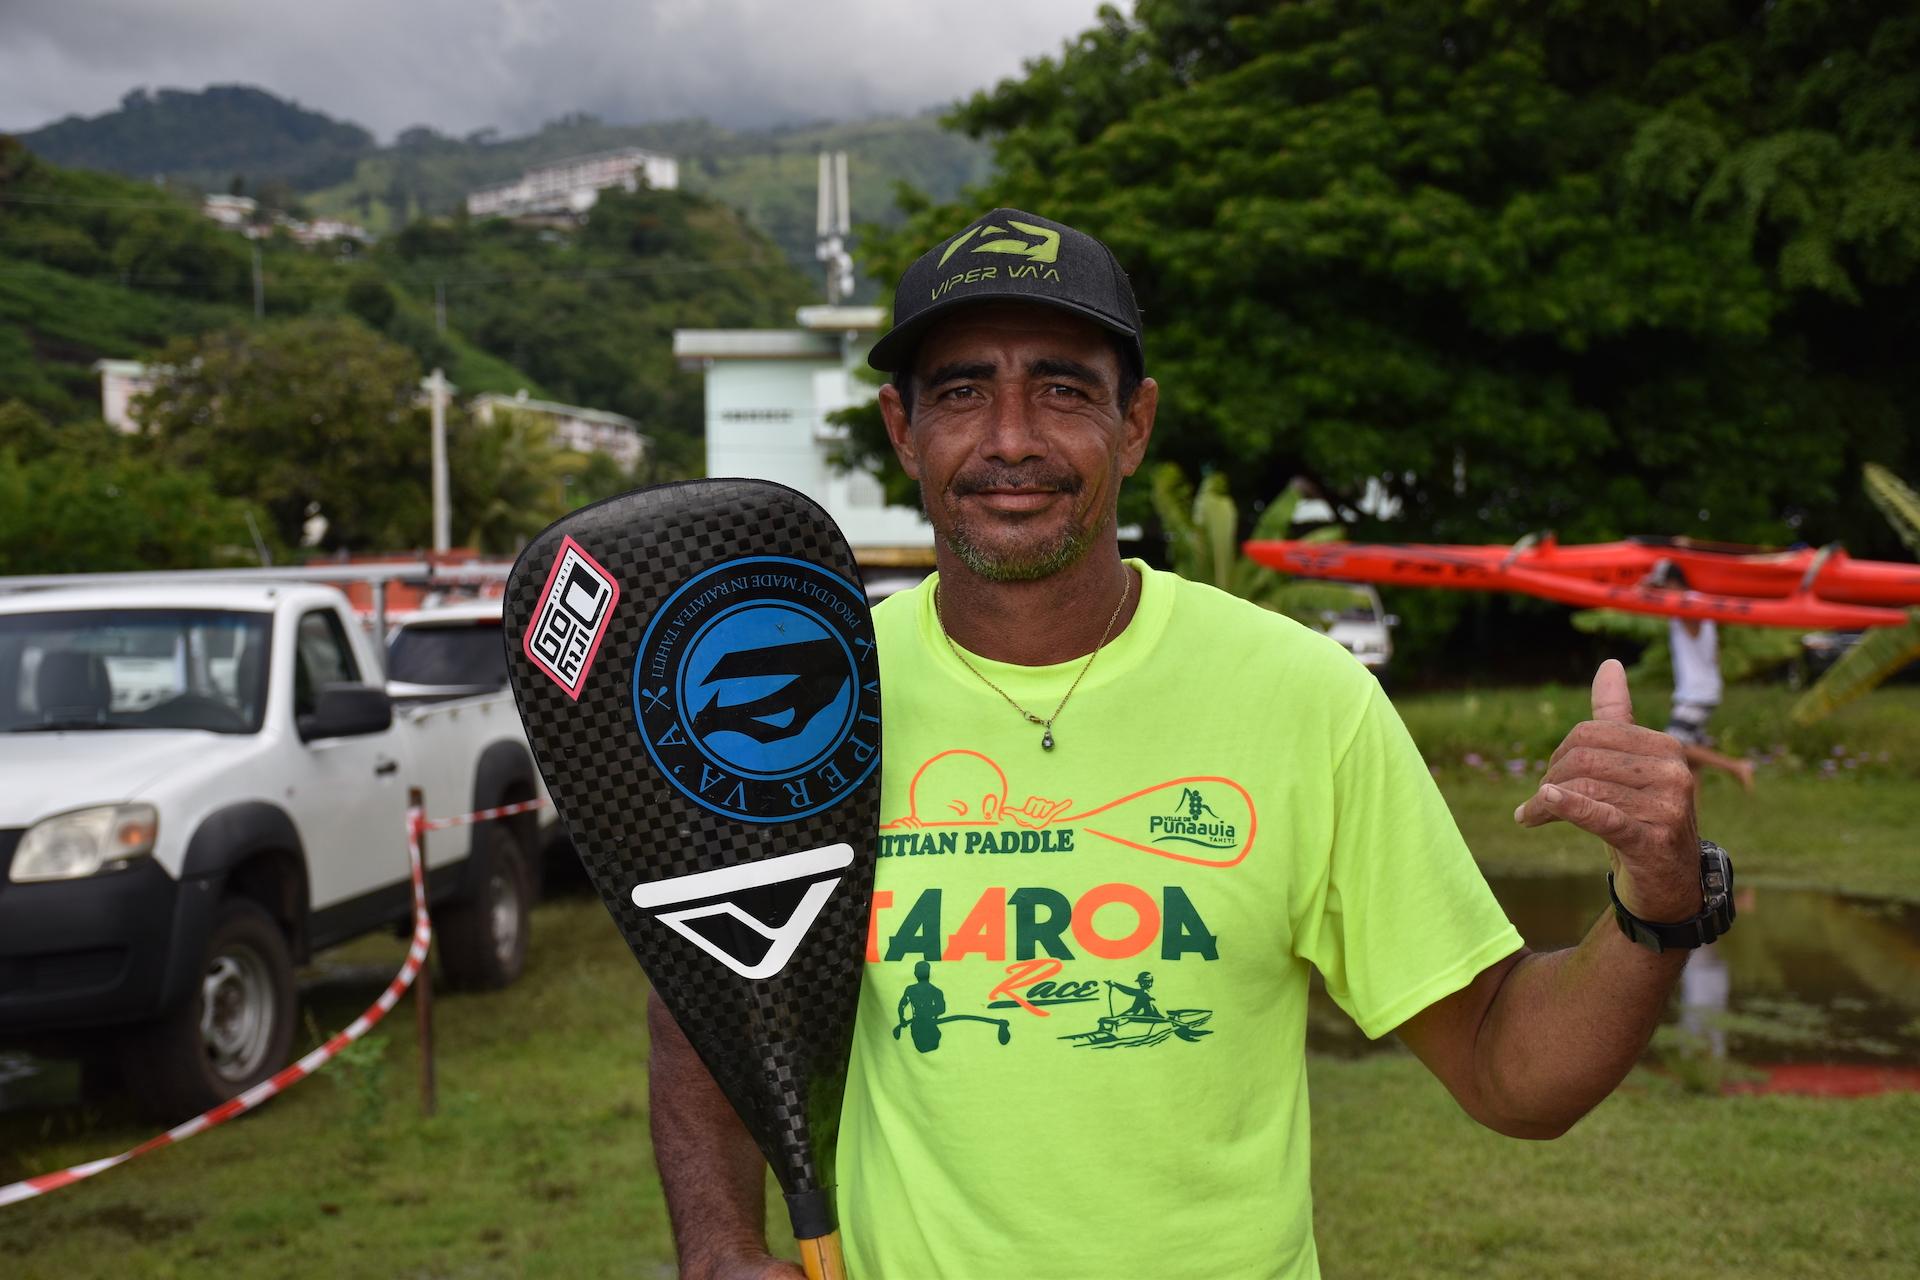 Daniel Le Prado premier des vétérans à franchir la ligne d'arrivée pour cette huitième édition de la Taaroa Race.